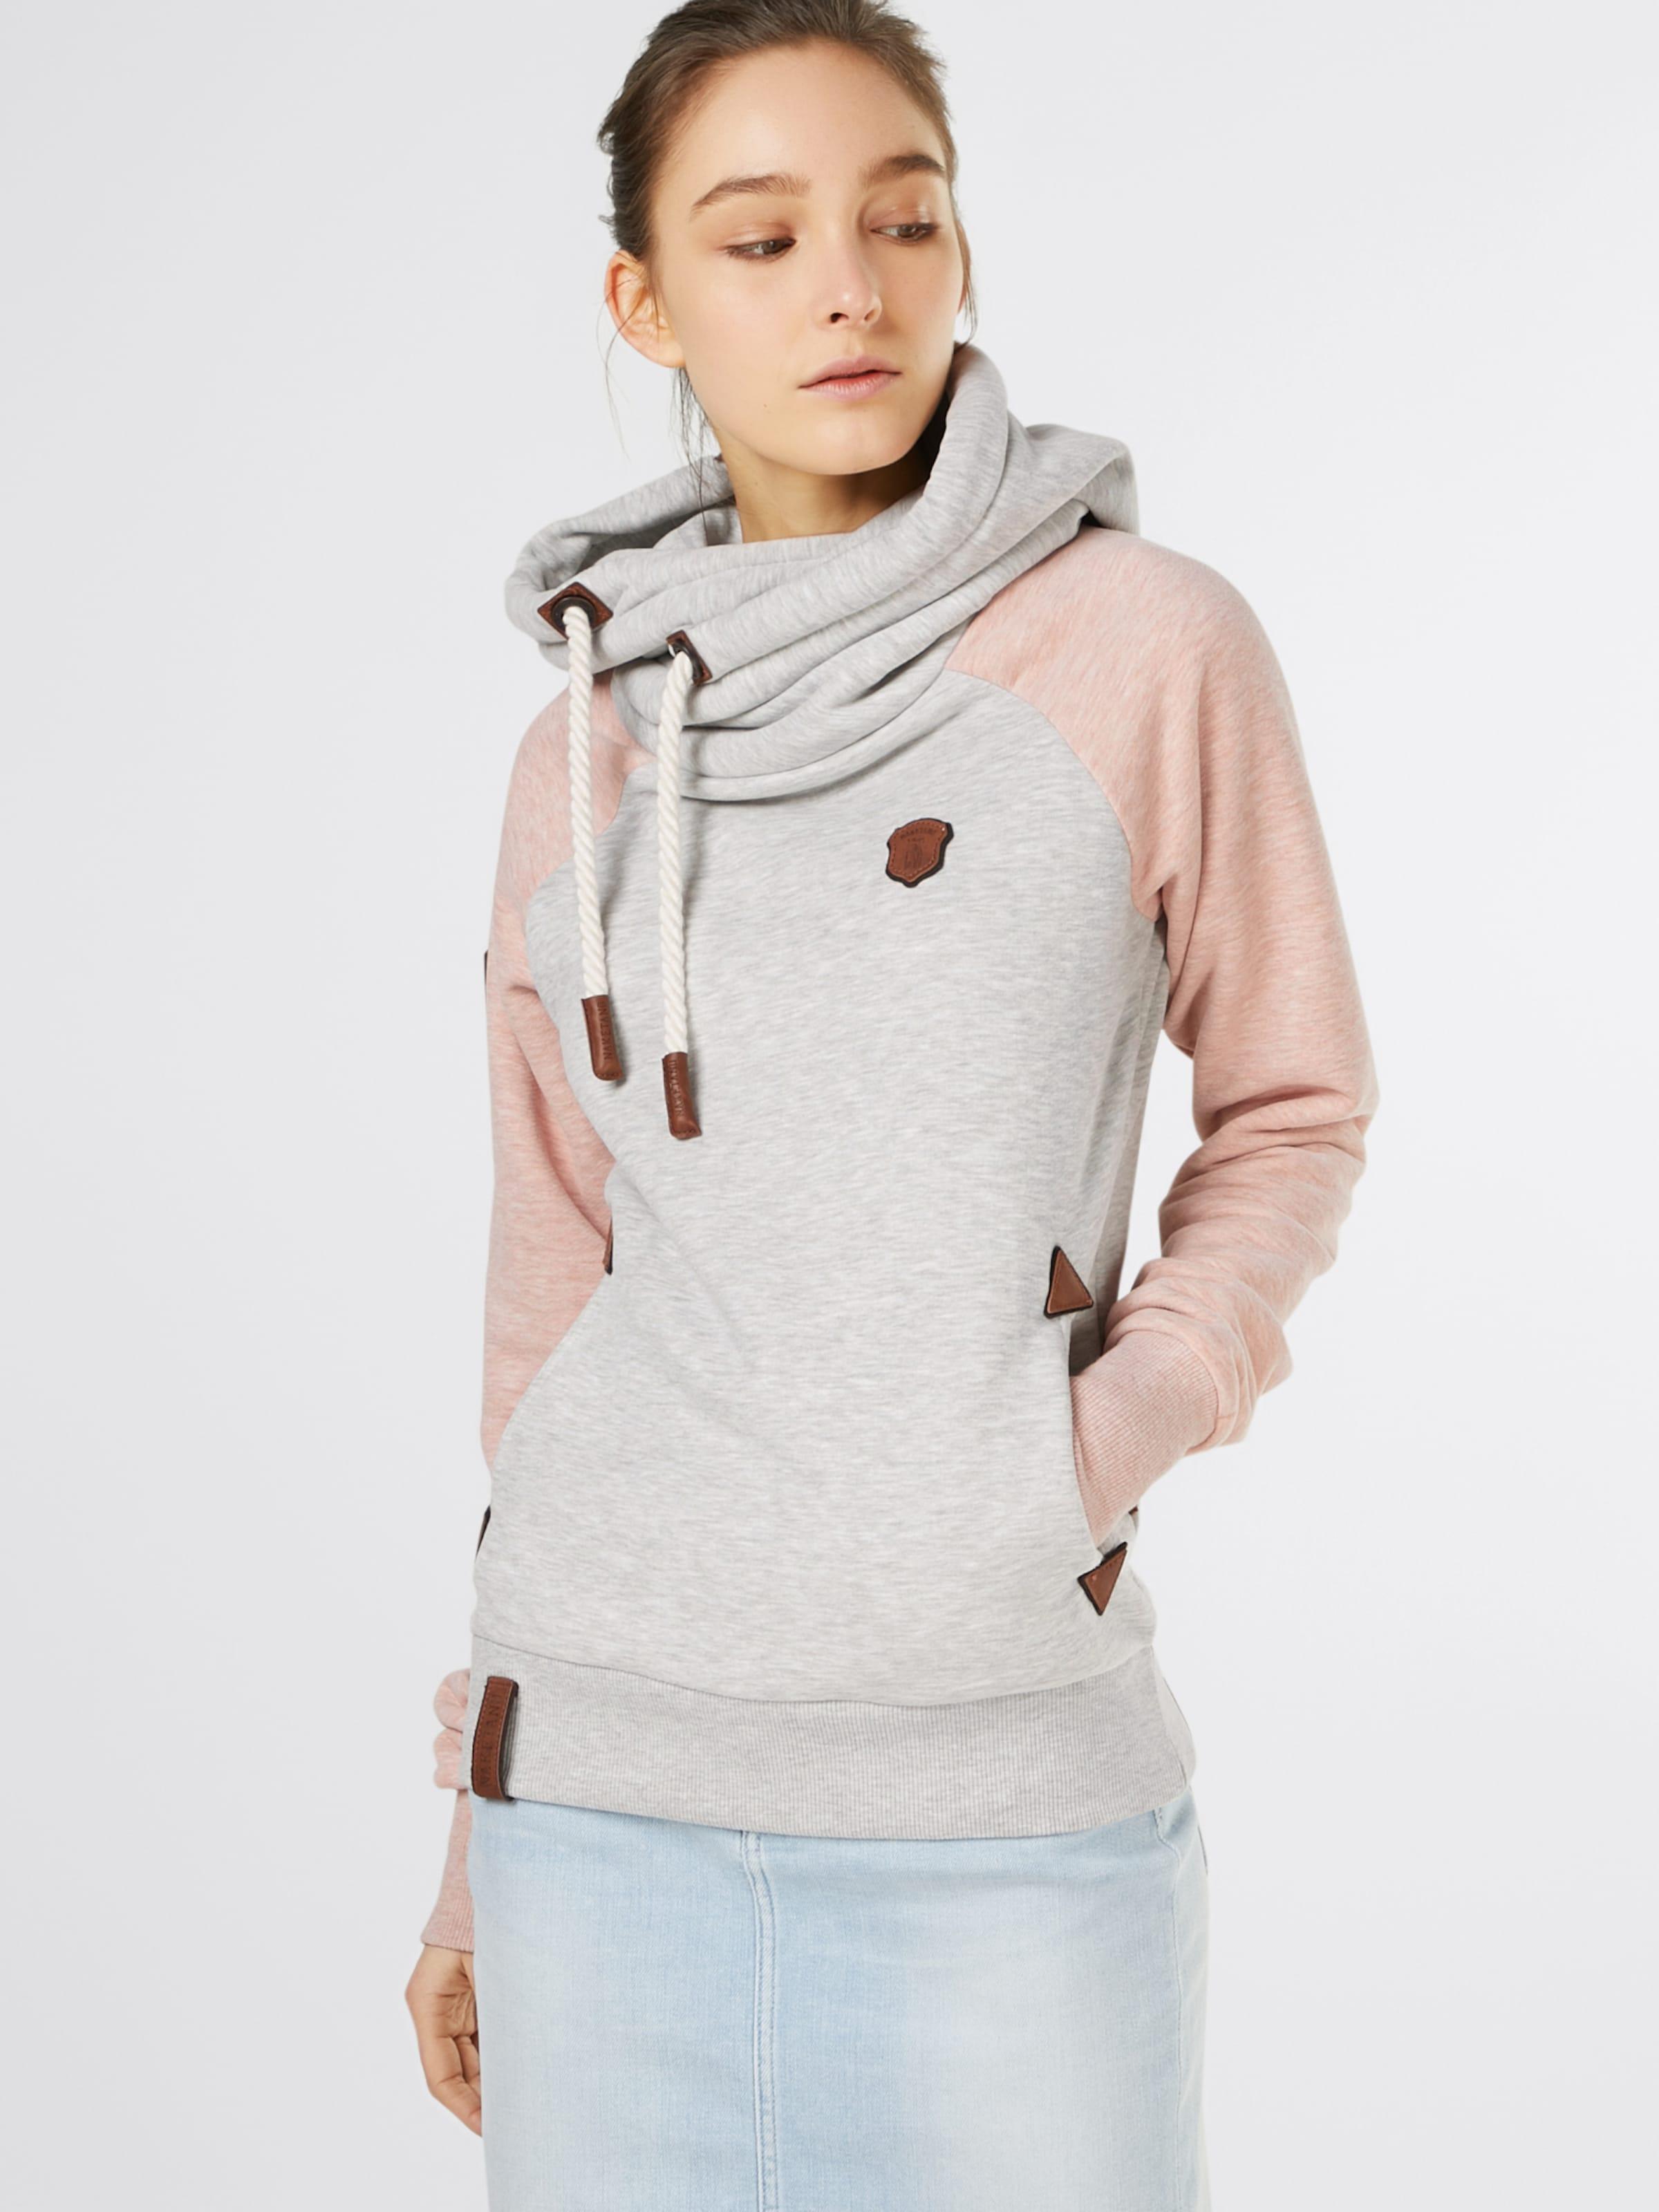 naketano Sweatshirt 'So ein Otto' Günstig Kaufen Manchester Große Online-Verkauf 2018 Unisex Verkauf Online Preise Günstig Online Blättern Günstigen Preis Dq0iTHs